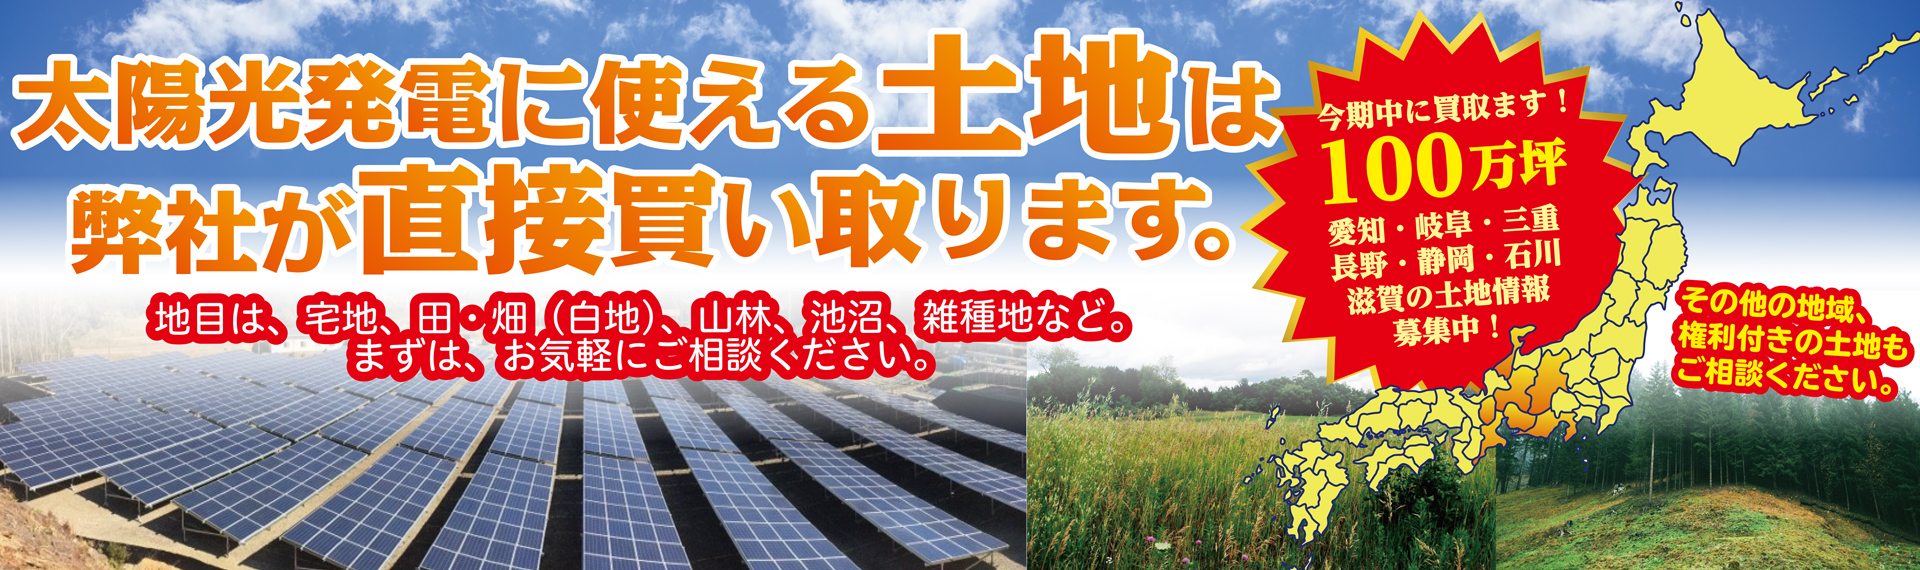 不動産業者の皆さん、太陽光発電所用の土地をご紹介ください。今期も15億円分の土地を買取ます。